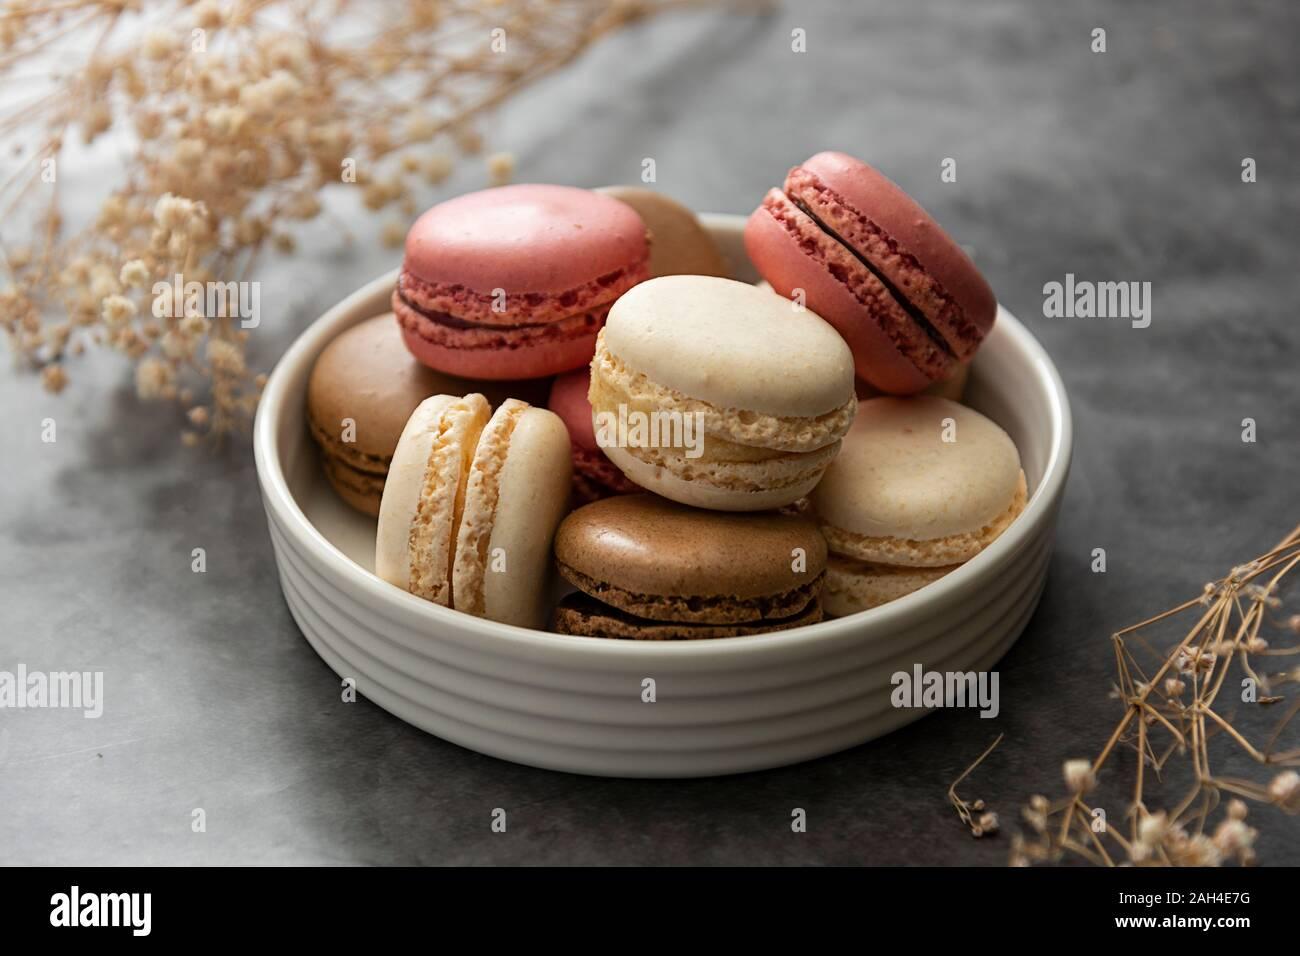 Francés macaron tartas en una placa de cerca. Crema, marrón, rosado, macarons con espacio de copia. Foto de stock